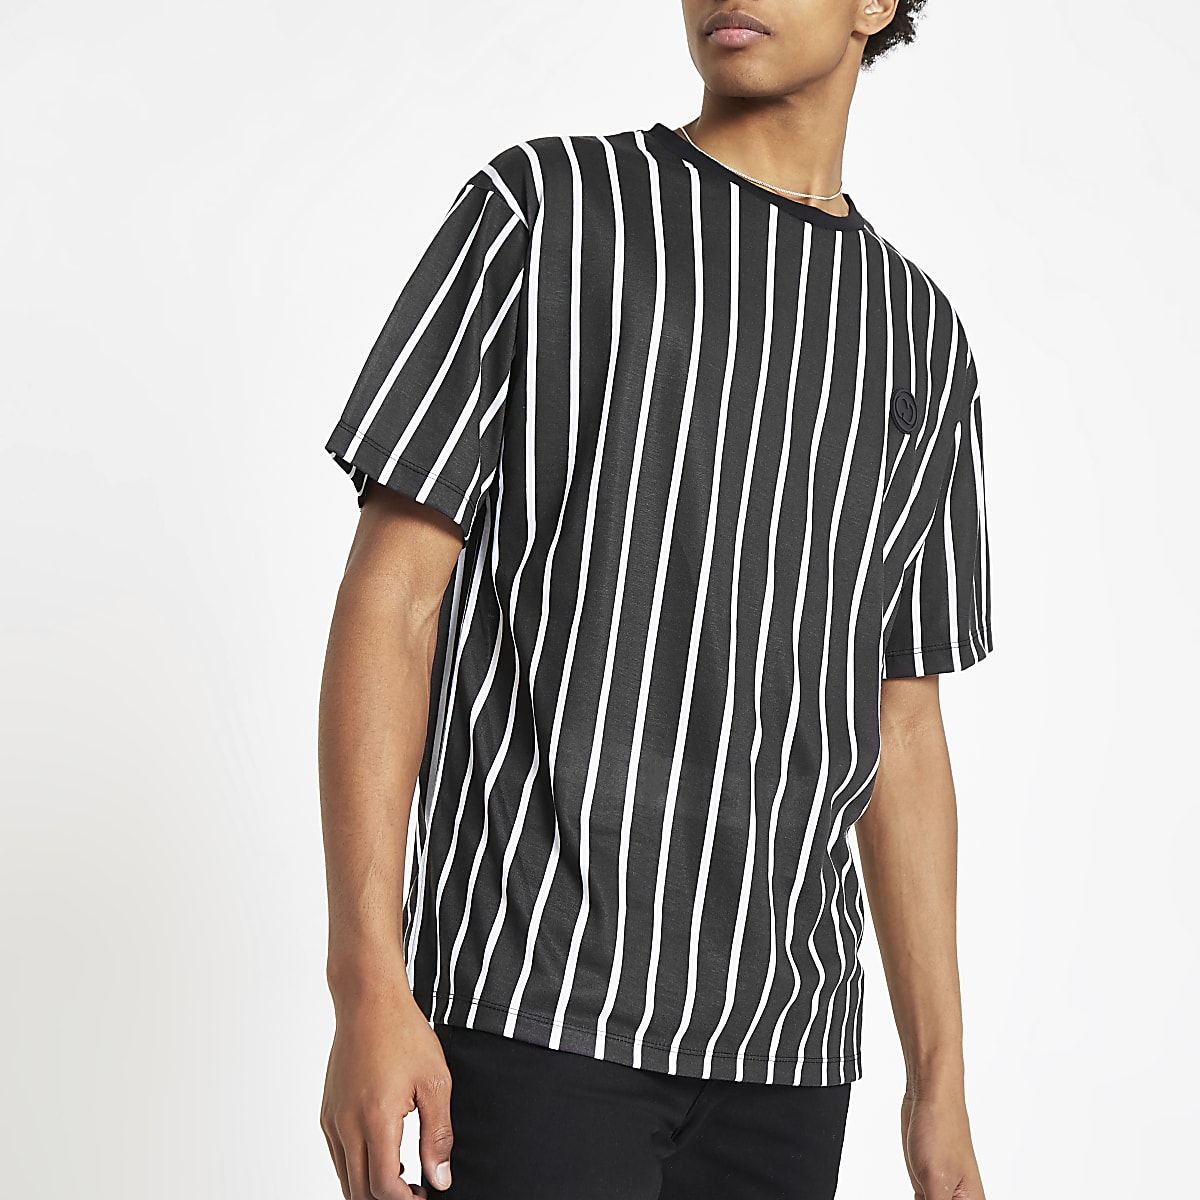 Criminal Damage black pinstripe T-shirt